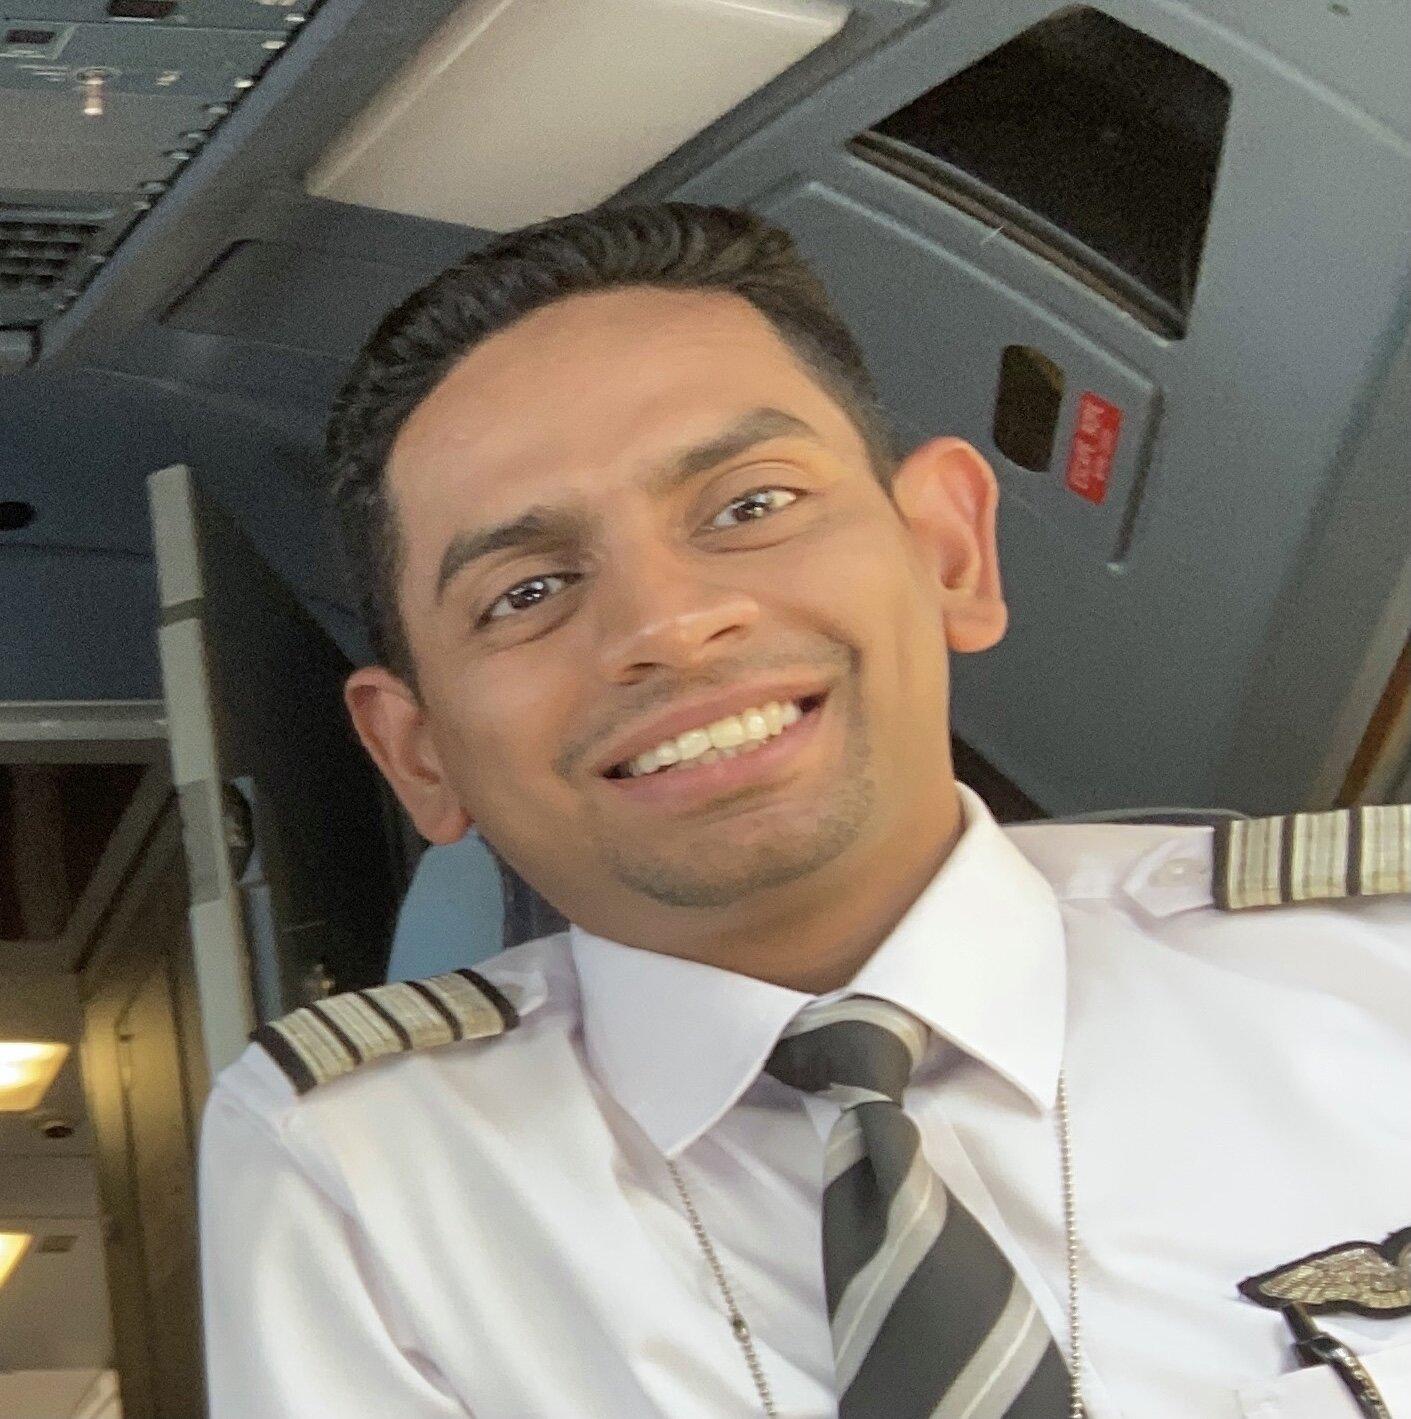 Kapten Mohamed Shafiran